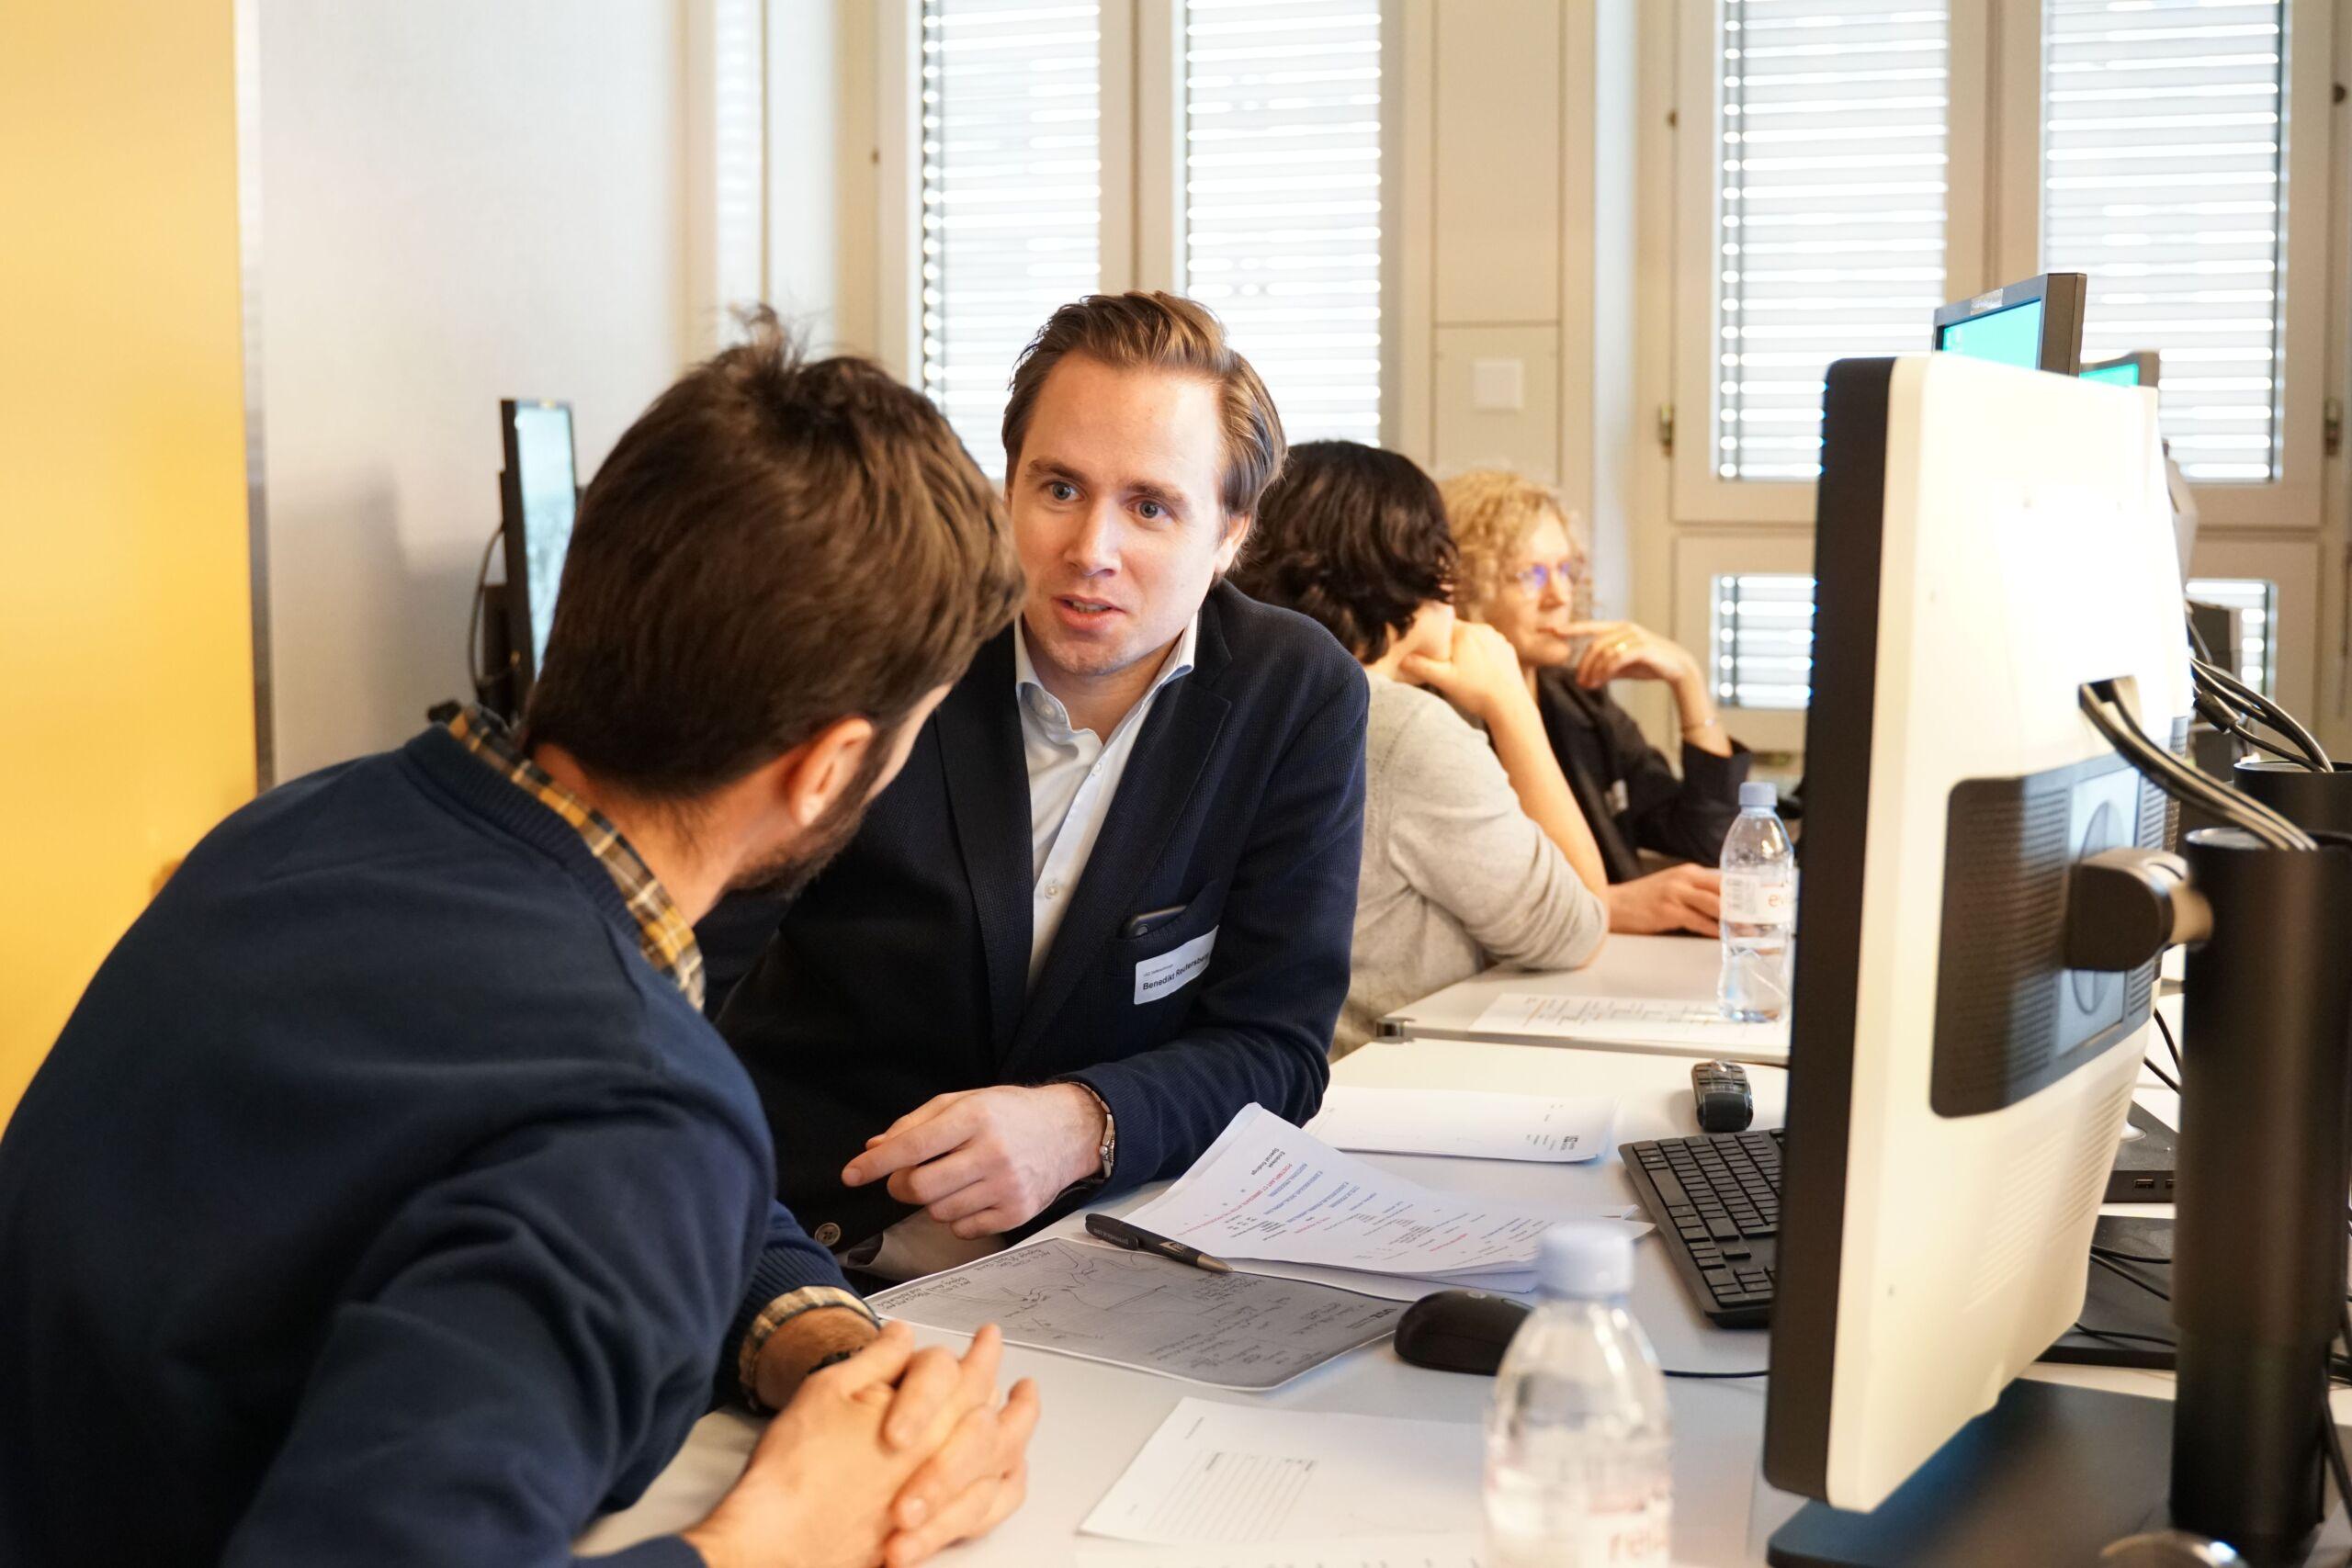 Zwei Männer und zwei Frauen diskutieren etwas und sitzen dabei vor Computern